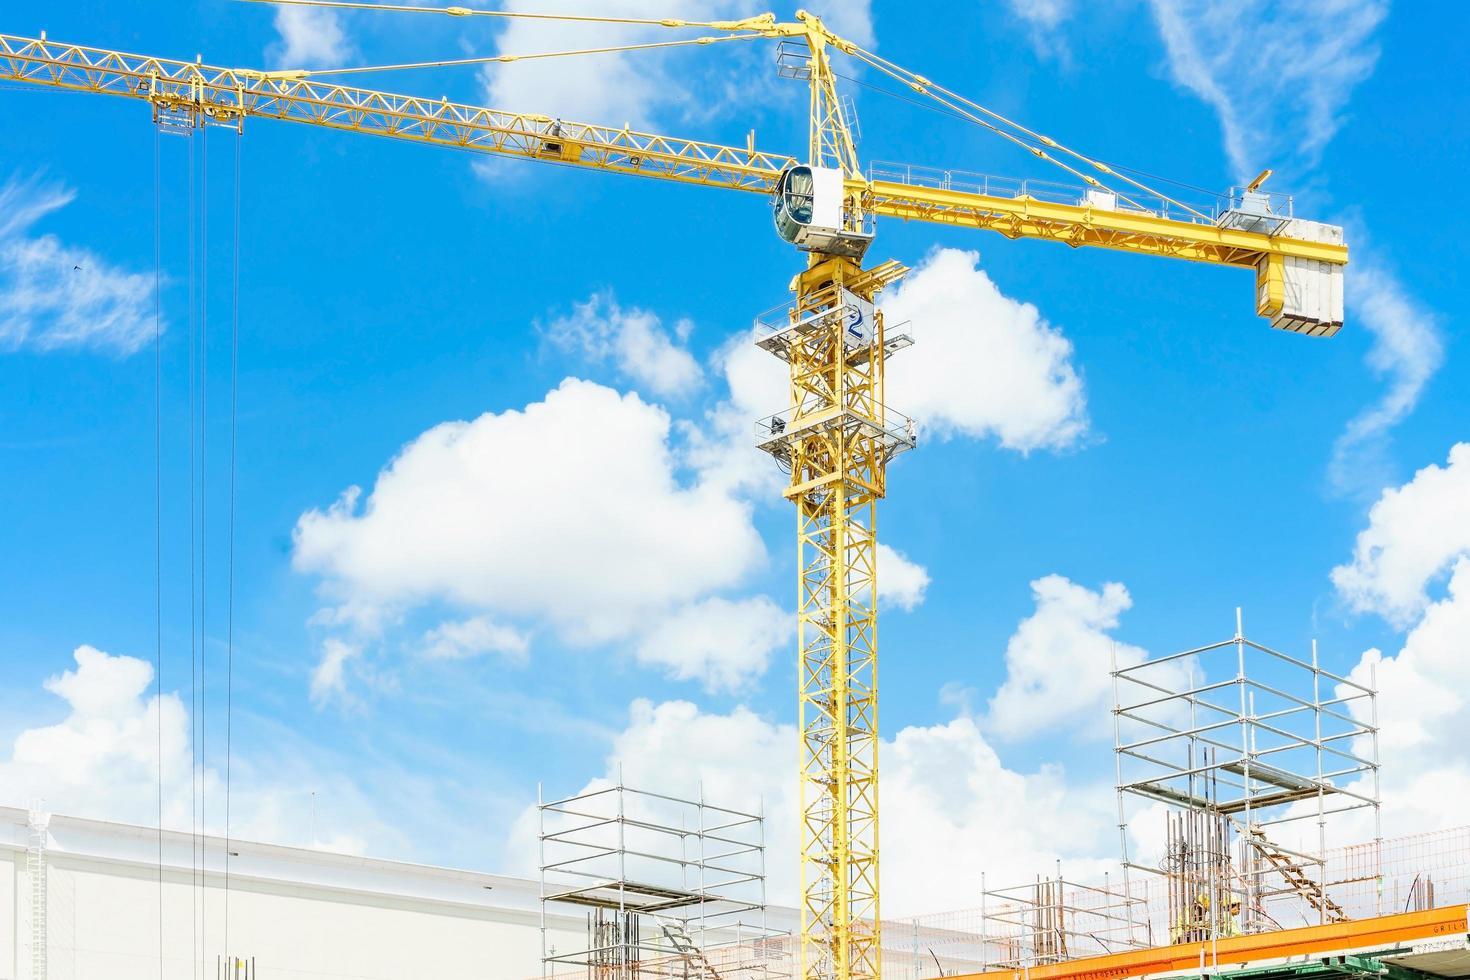 grúas de construcción y edificio de gran altura en construcción foto